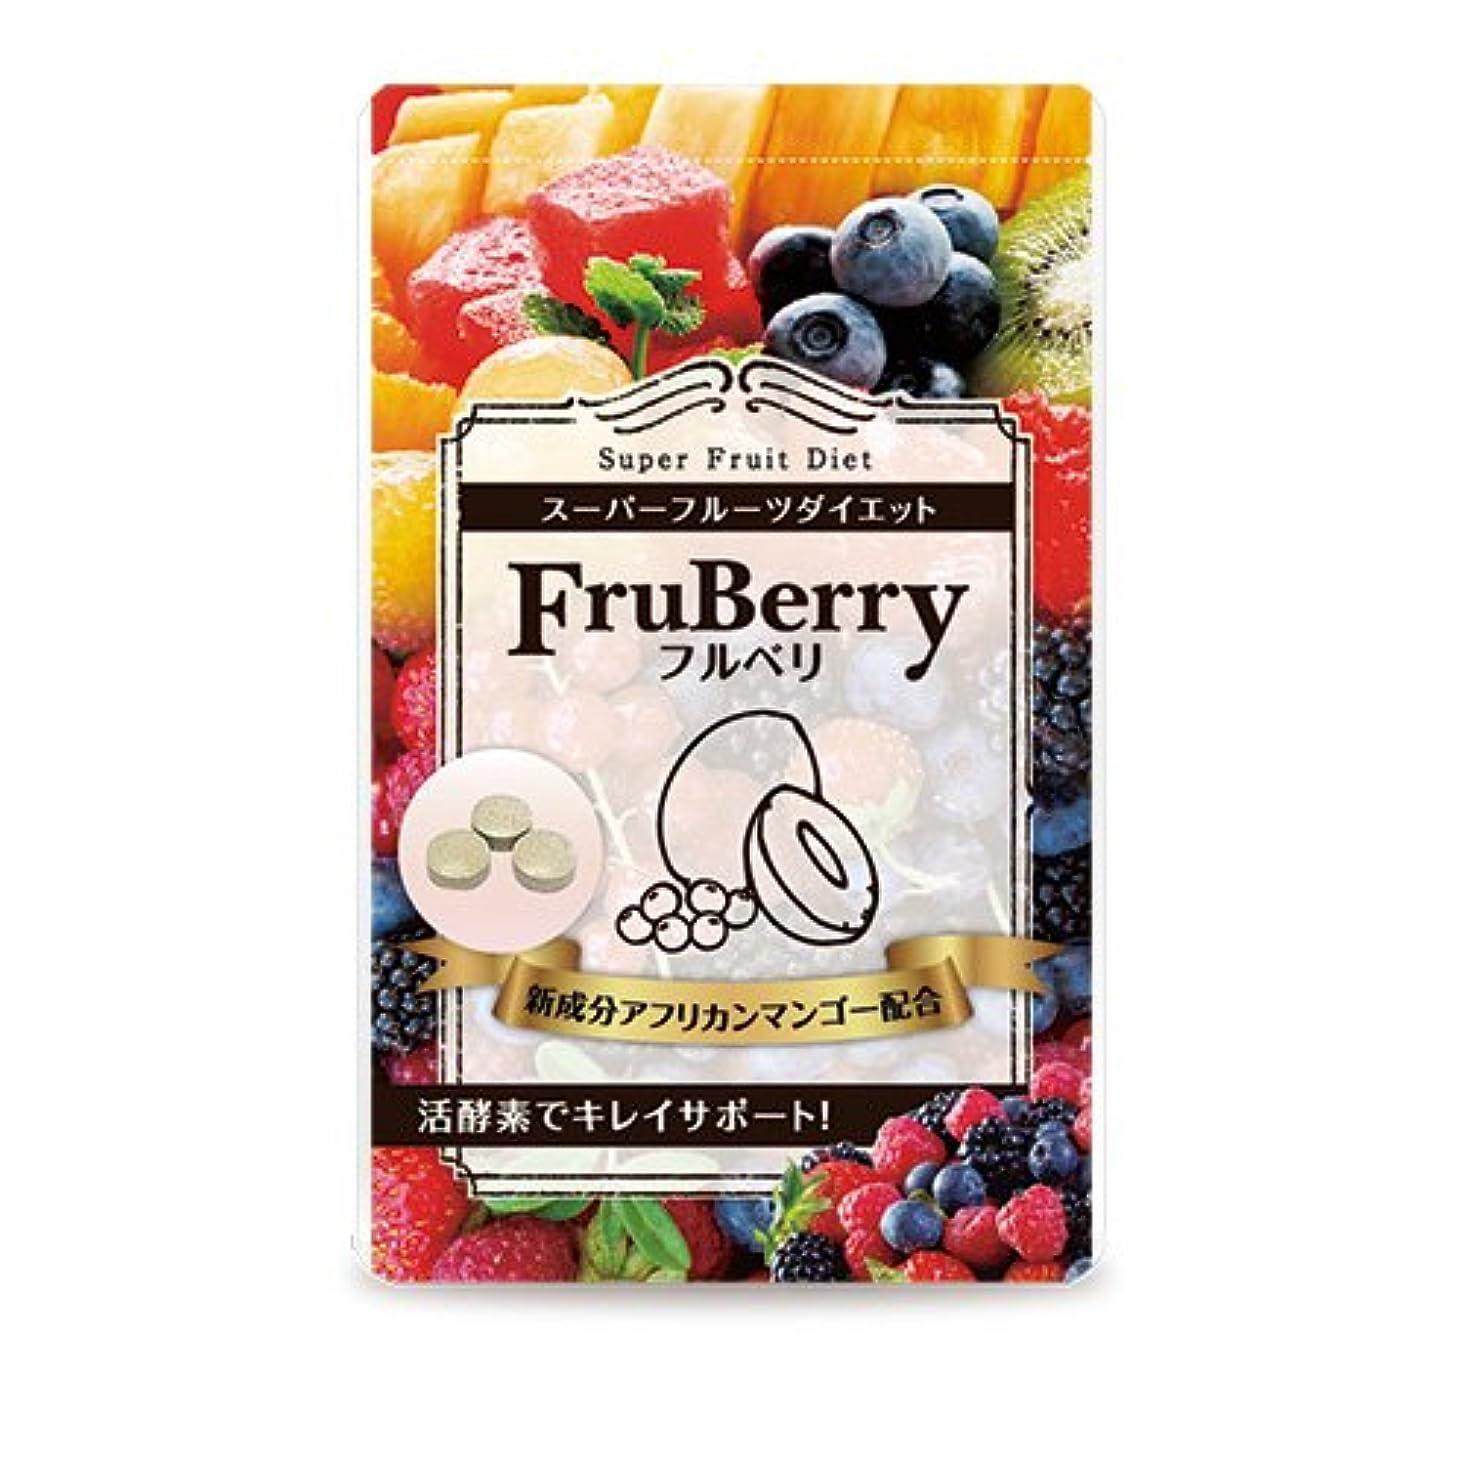 滞在口ひげ重要性フルベリ 5袋セット 約150日分 FruBerry アフリカンマンゴー ベリー類 乳酸菌のサプリ